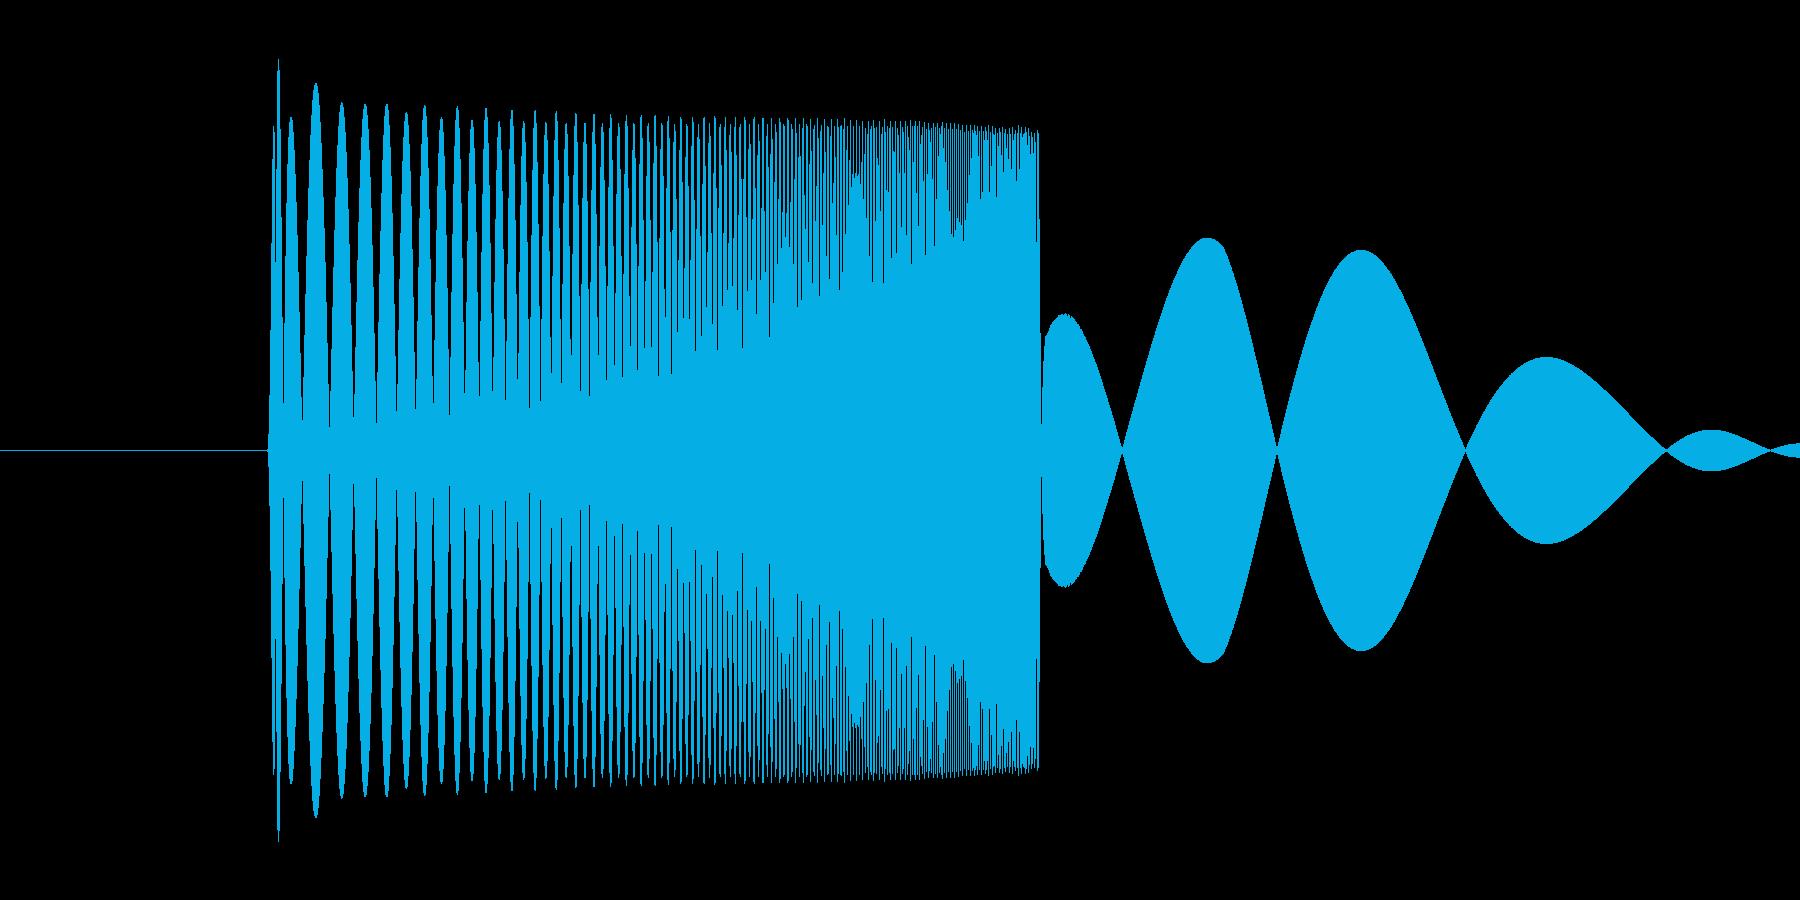 skypeの起動音みたいな音3 ポヨン♡の再生済みの波形